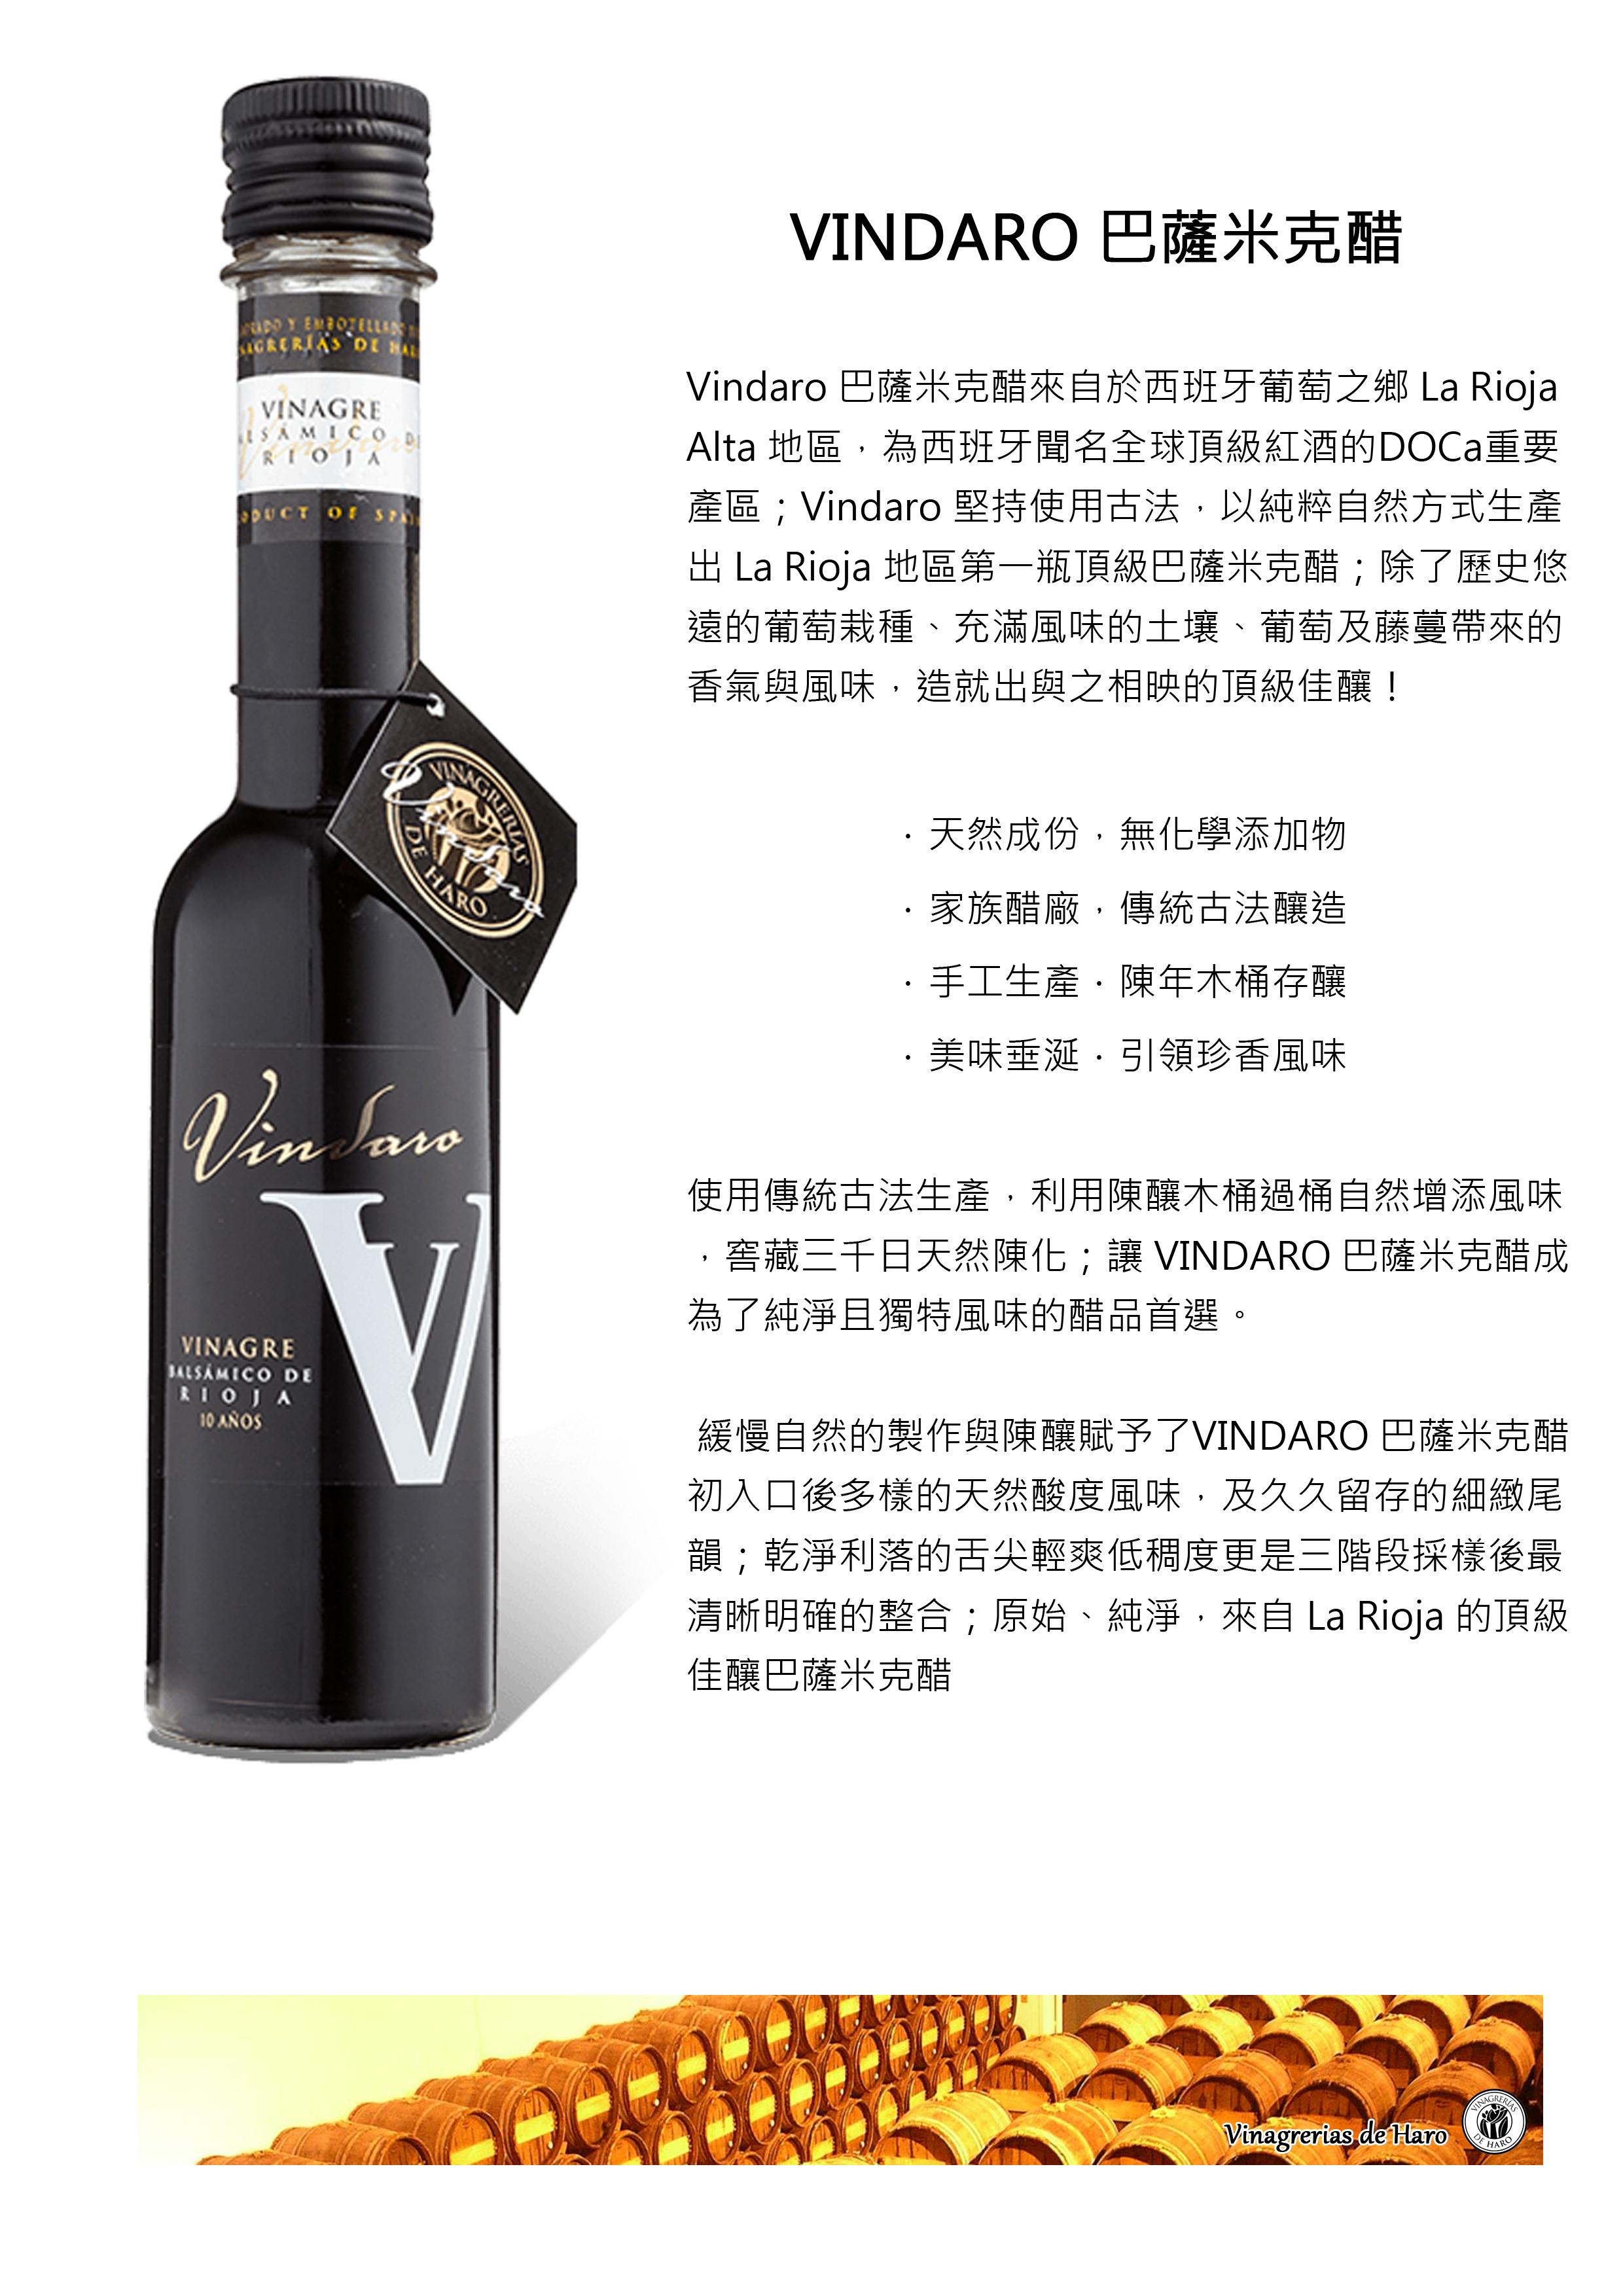 Vindaro 巴薩米克醋 Balsamico 10 years